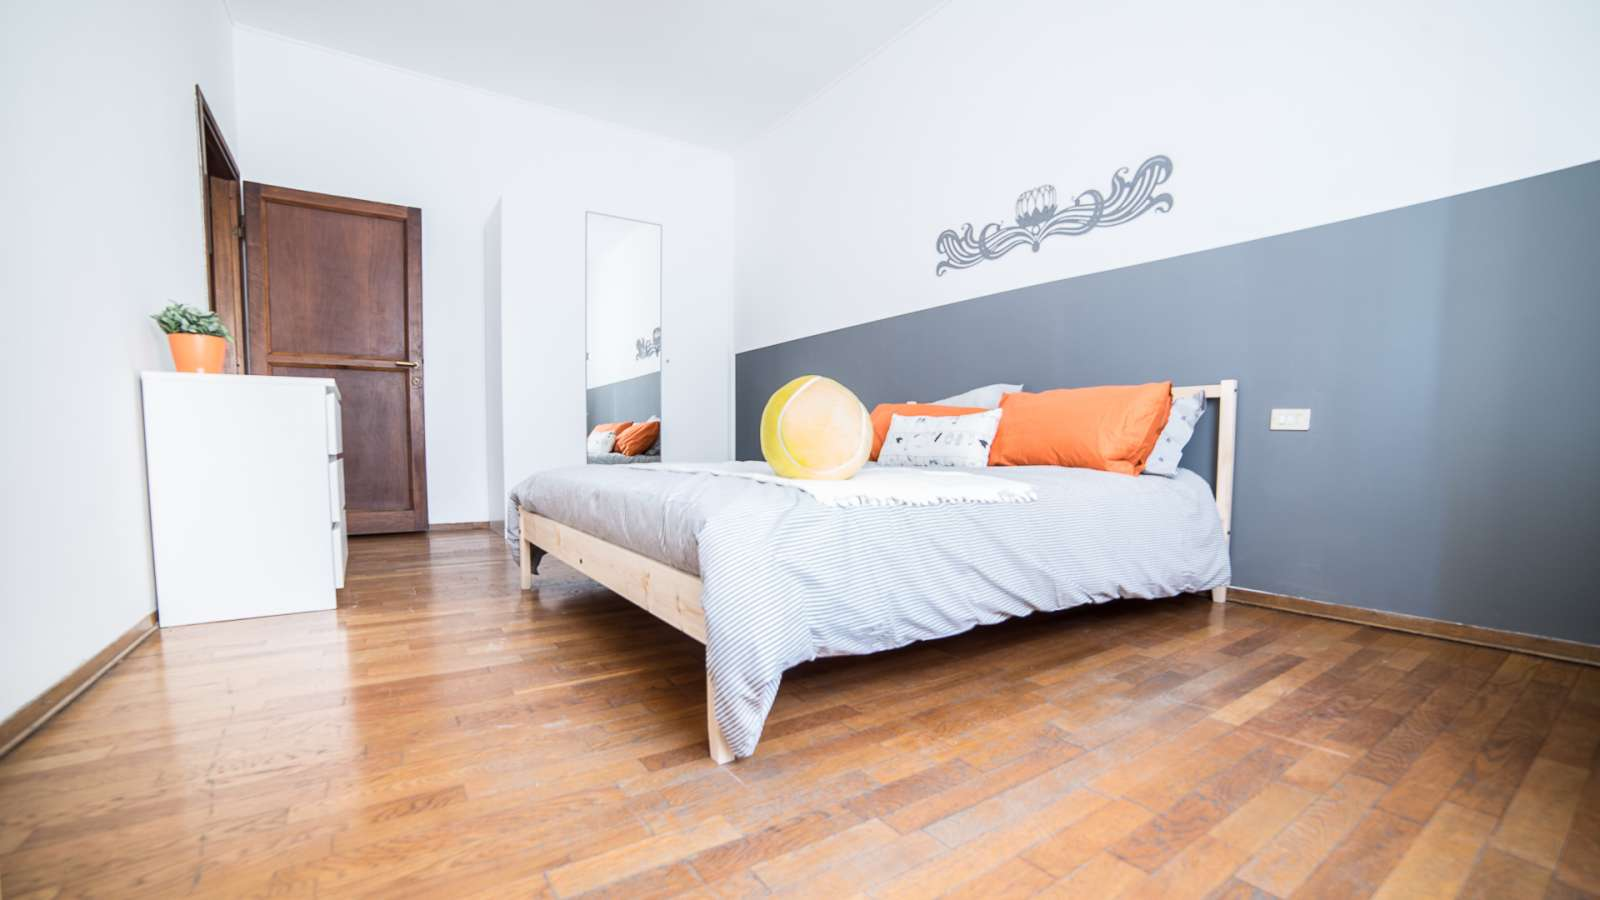 Double Room In 4 Bedroom Apartment In Navigli Milan Ref 107790 Spotahome